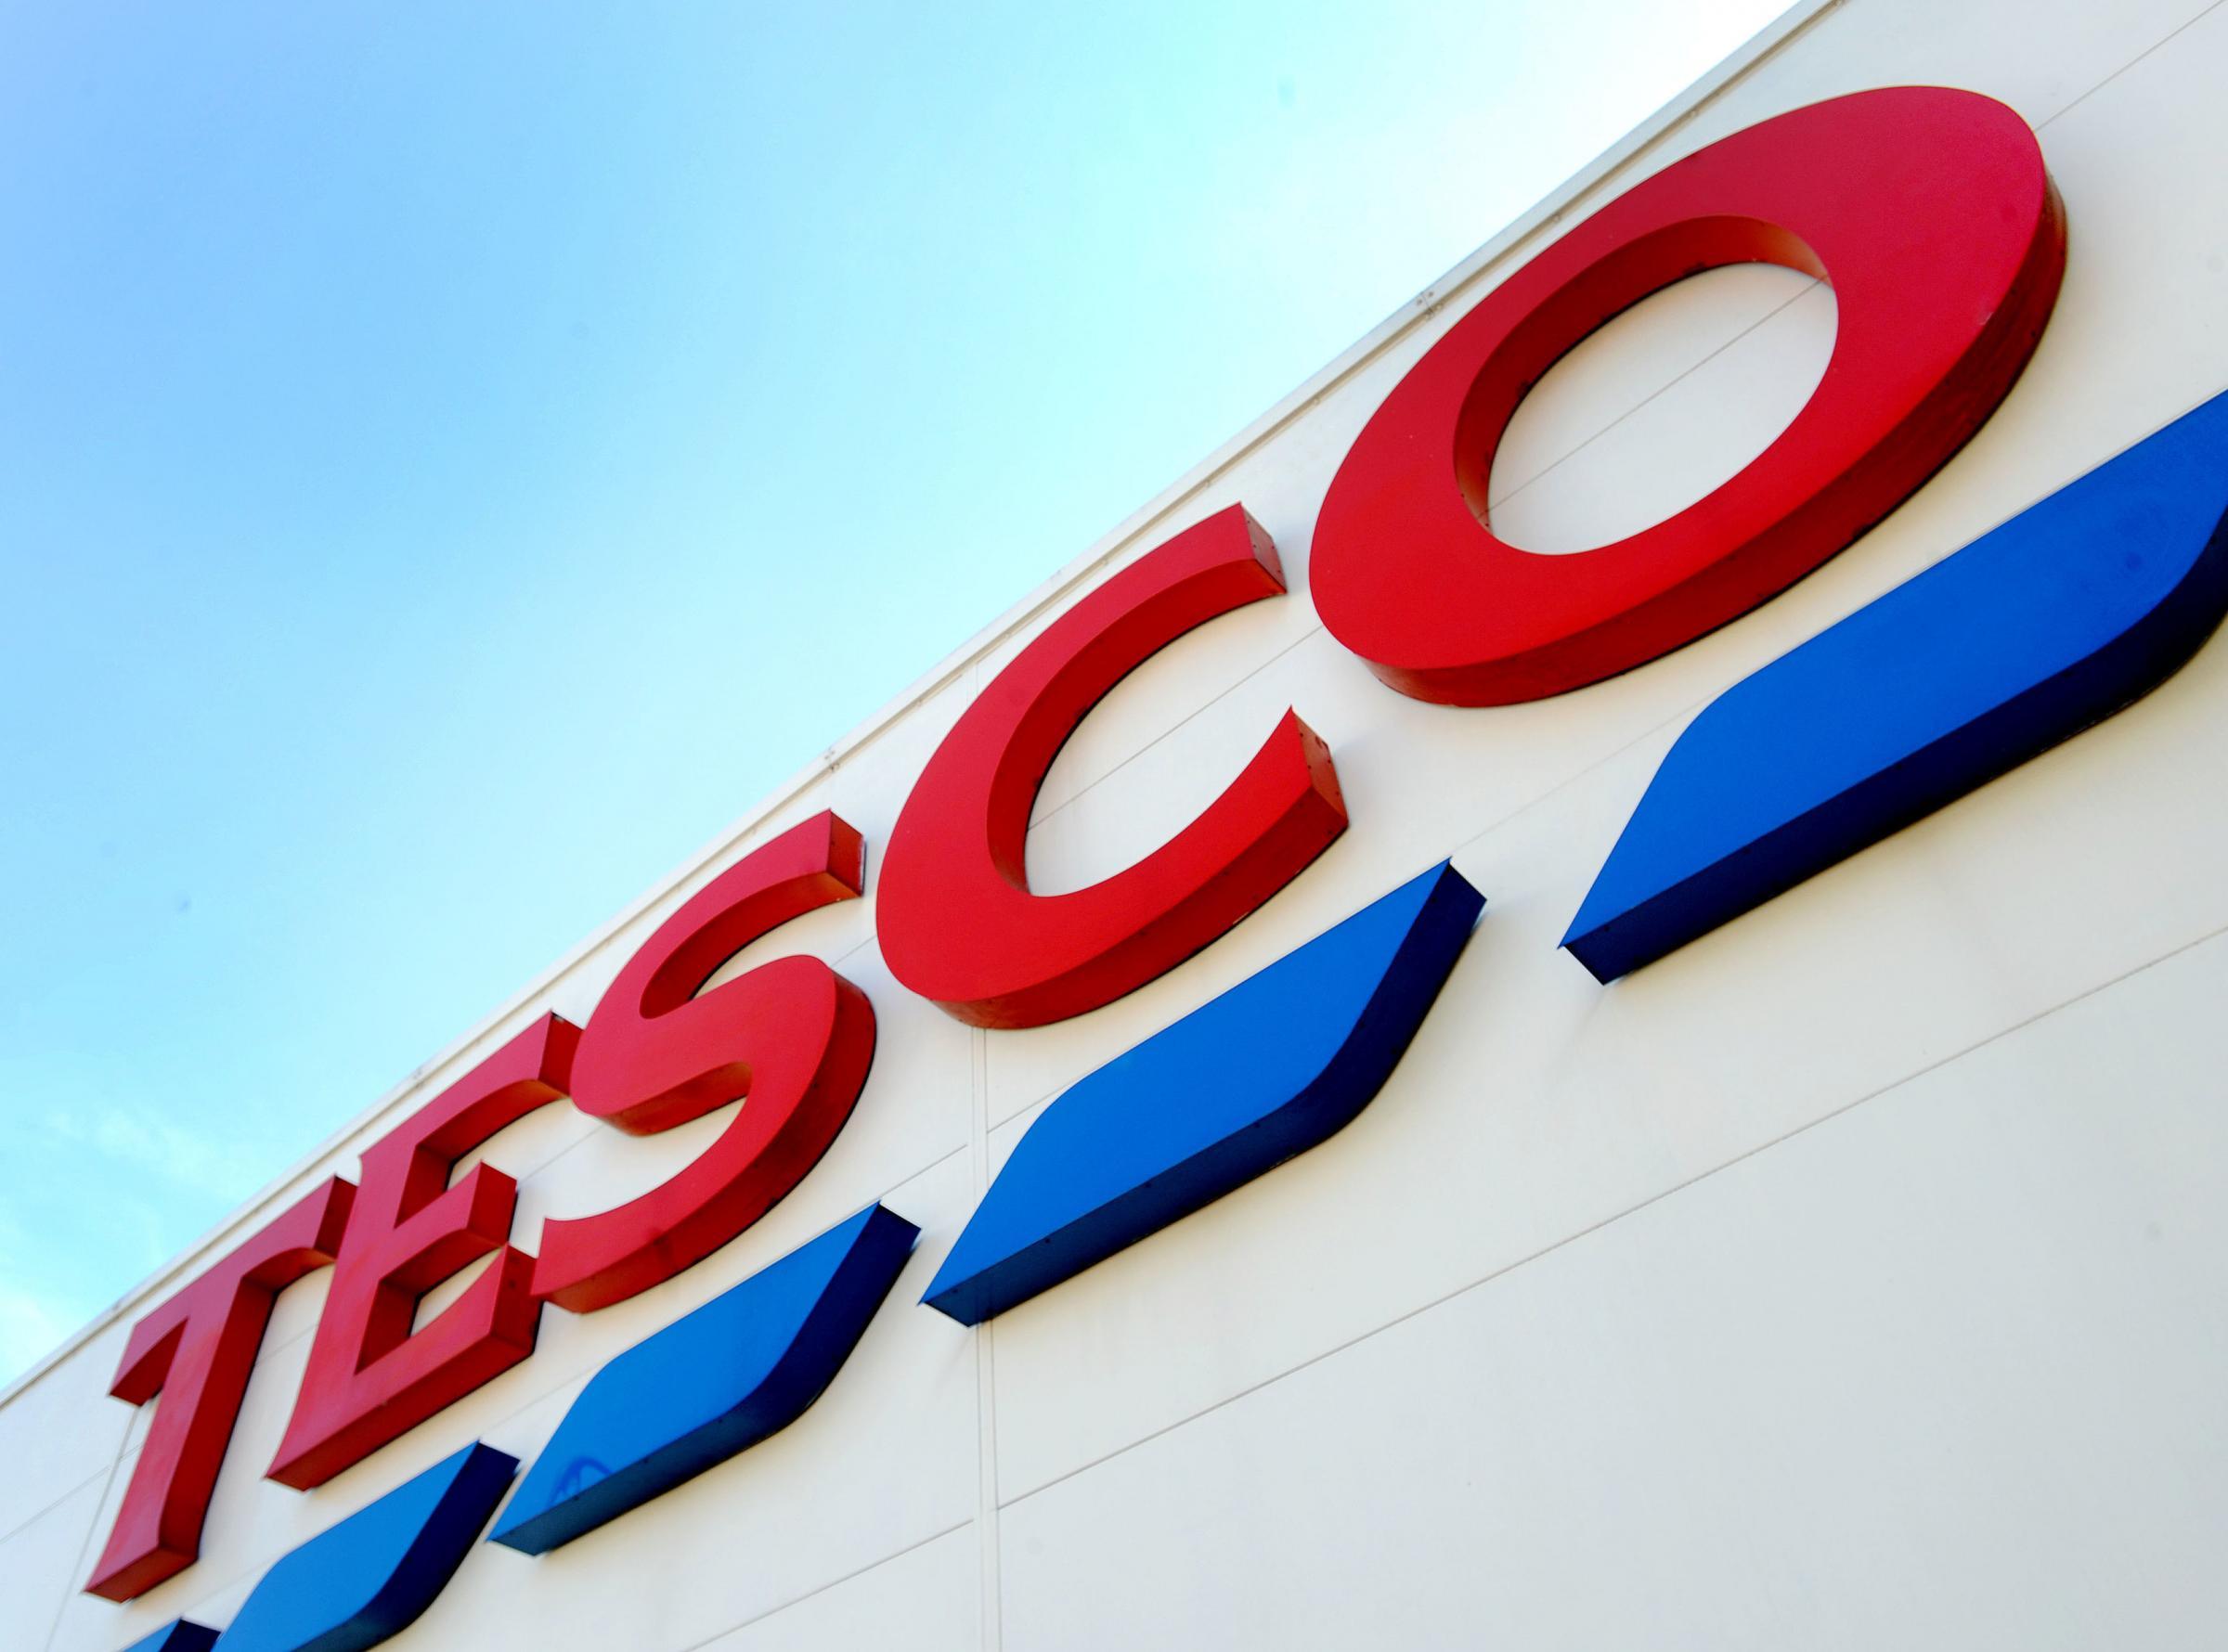 Tesco mengumumkan Jam Tenang permanen untuk toko-toko di Inggris